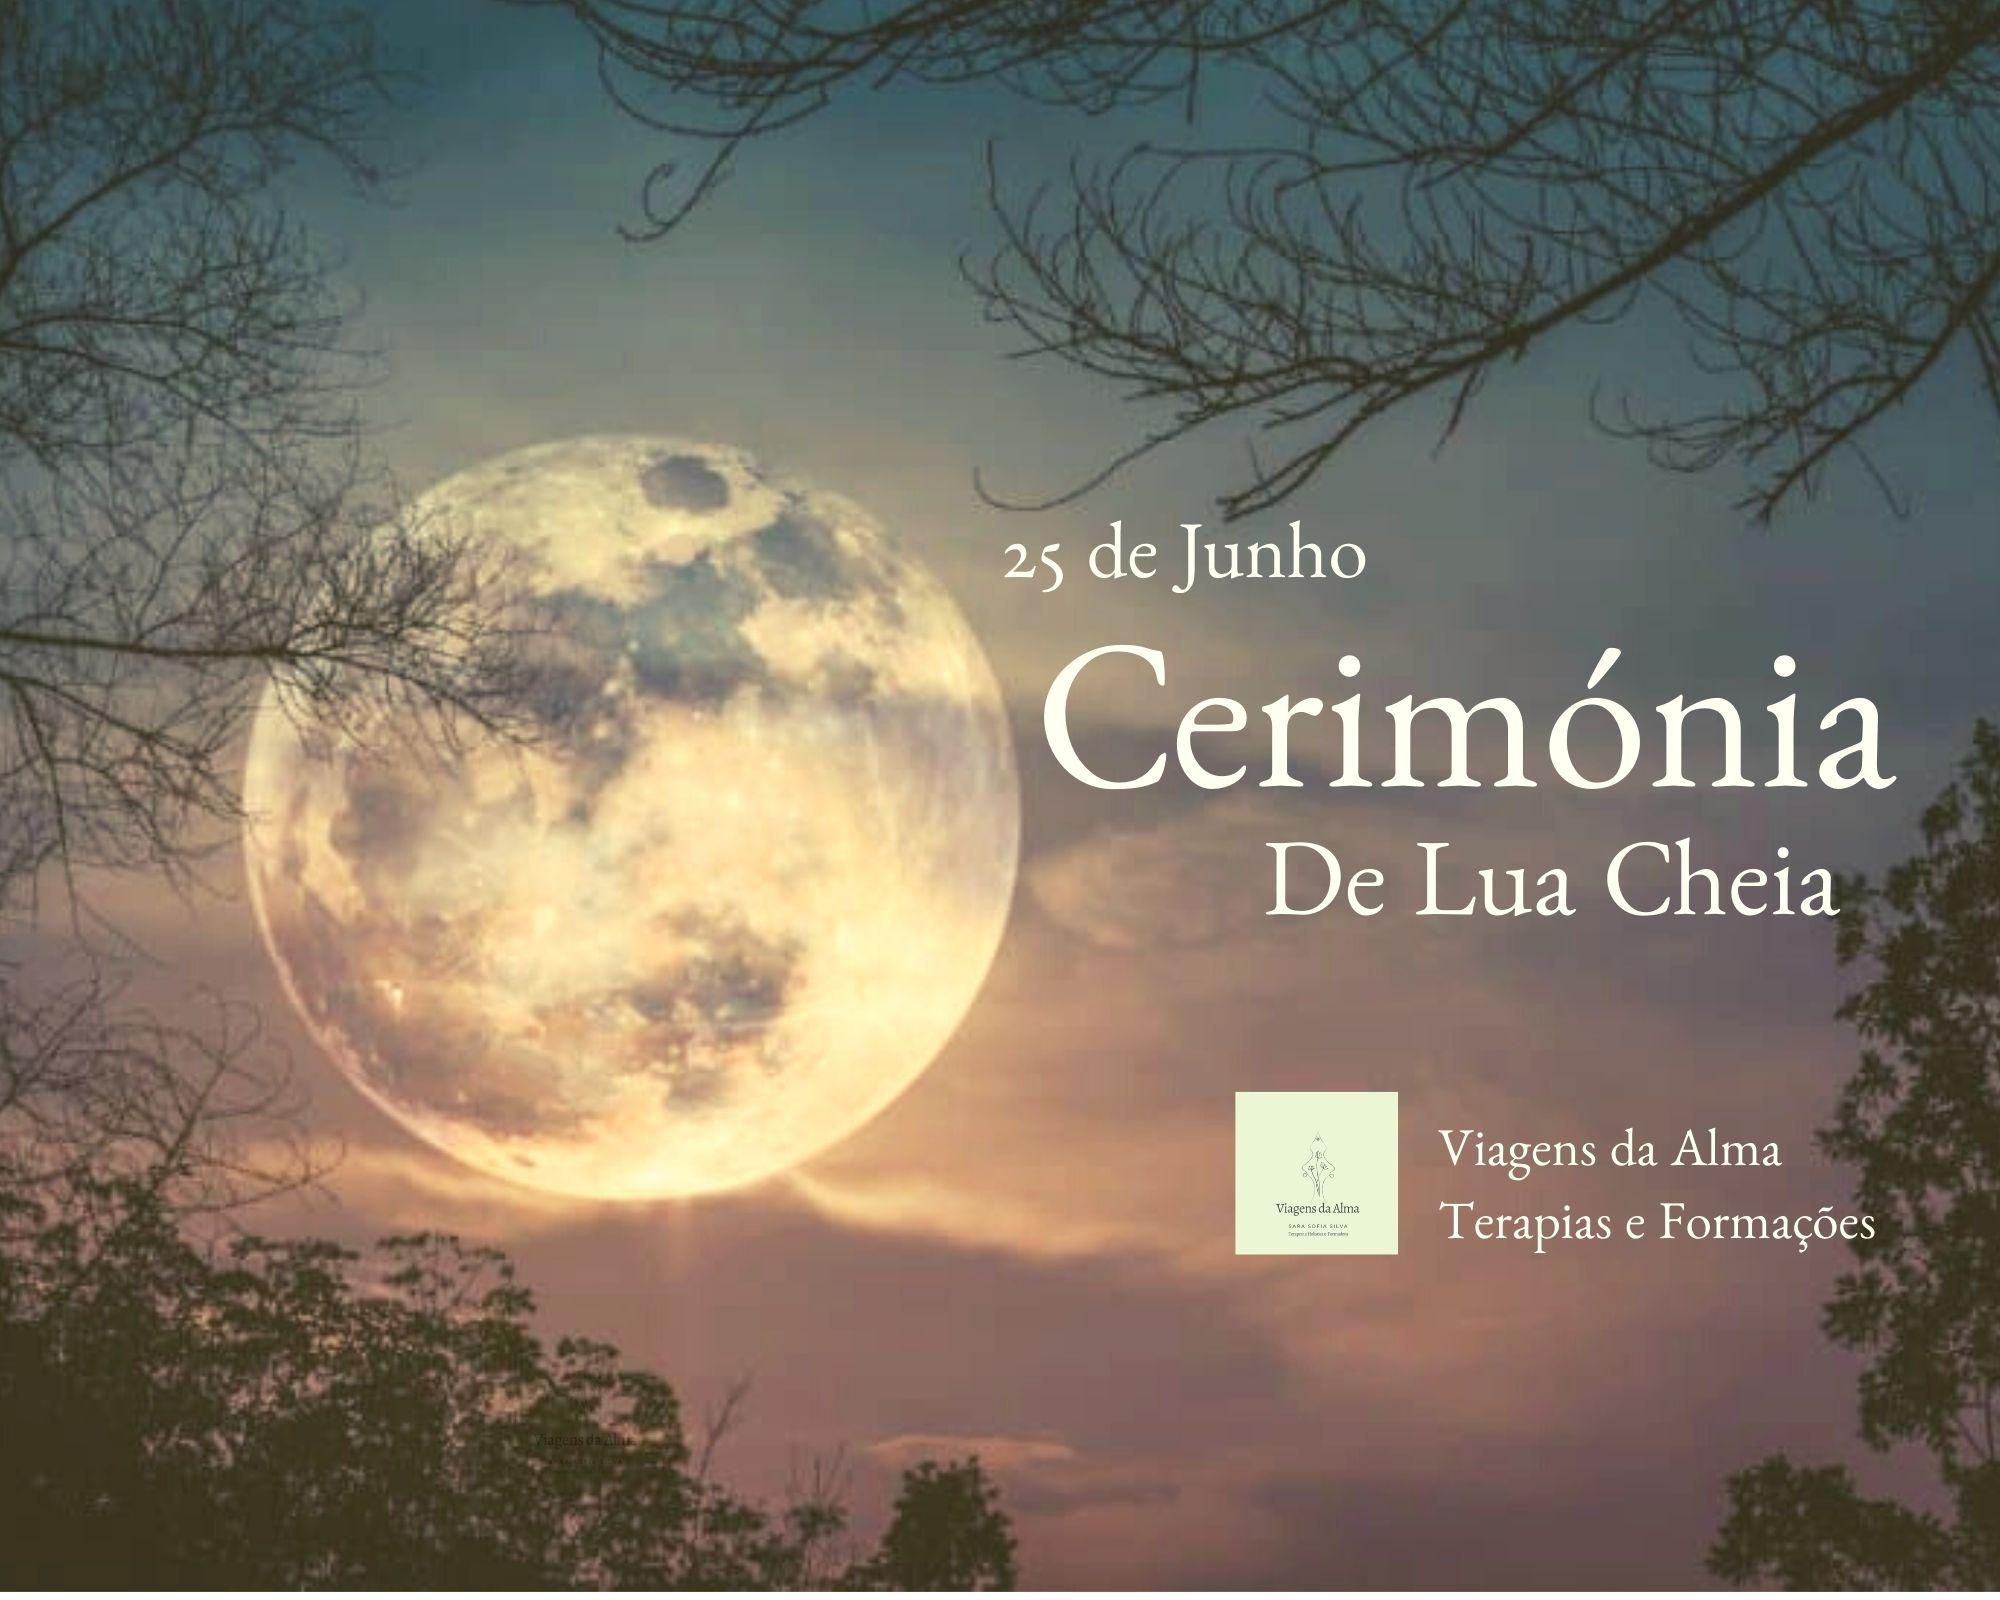 Cerimónia Da Lua Cheia - Litha